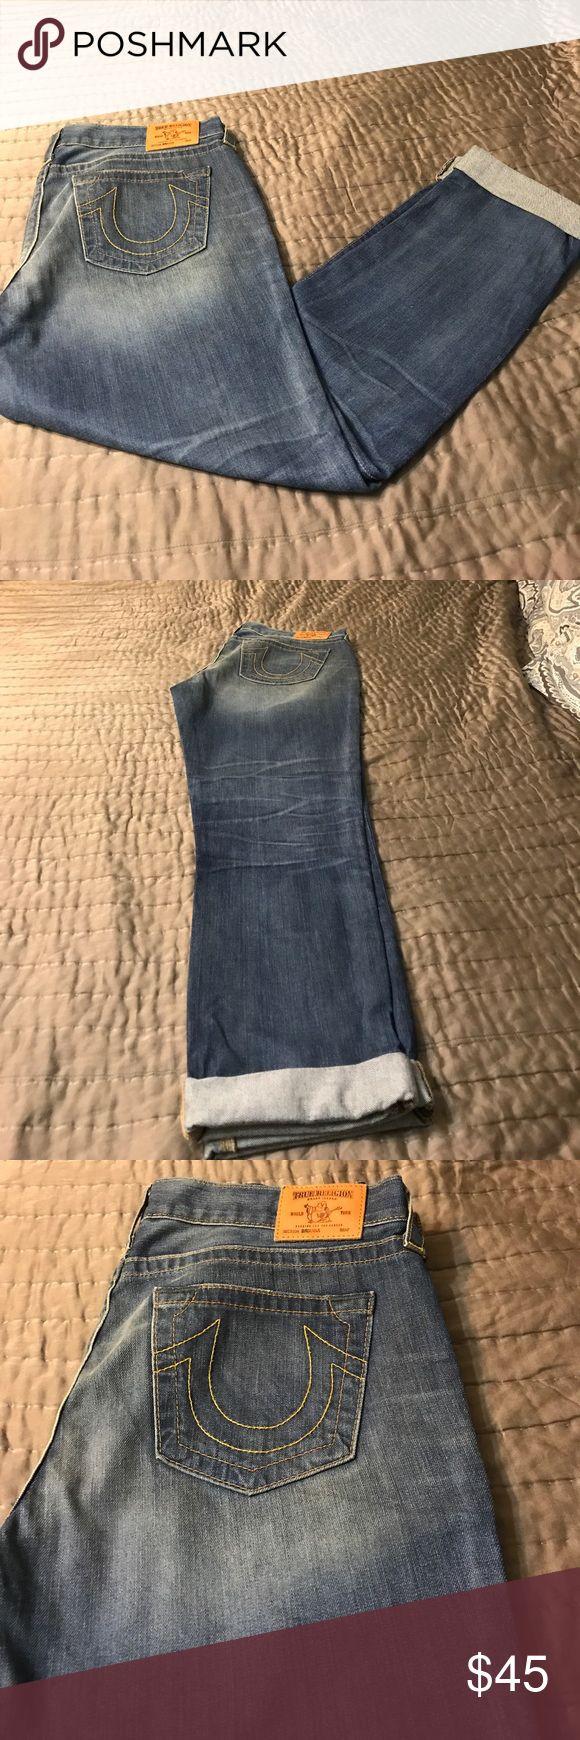 True religion boyfriend cut jeans Hundred percent cotton Brianna True religion jeans True religion Jeans Boyfriend